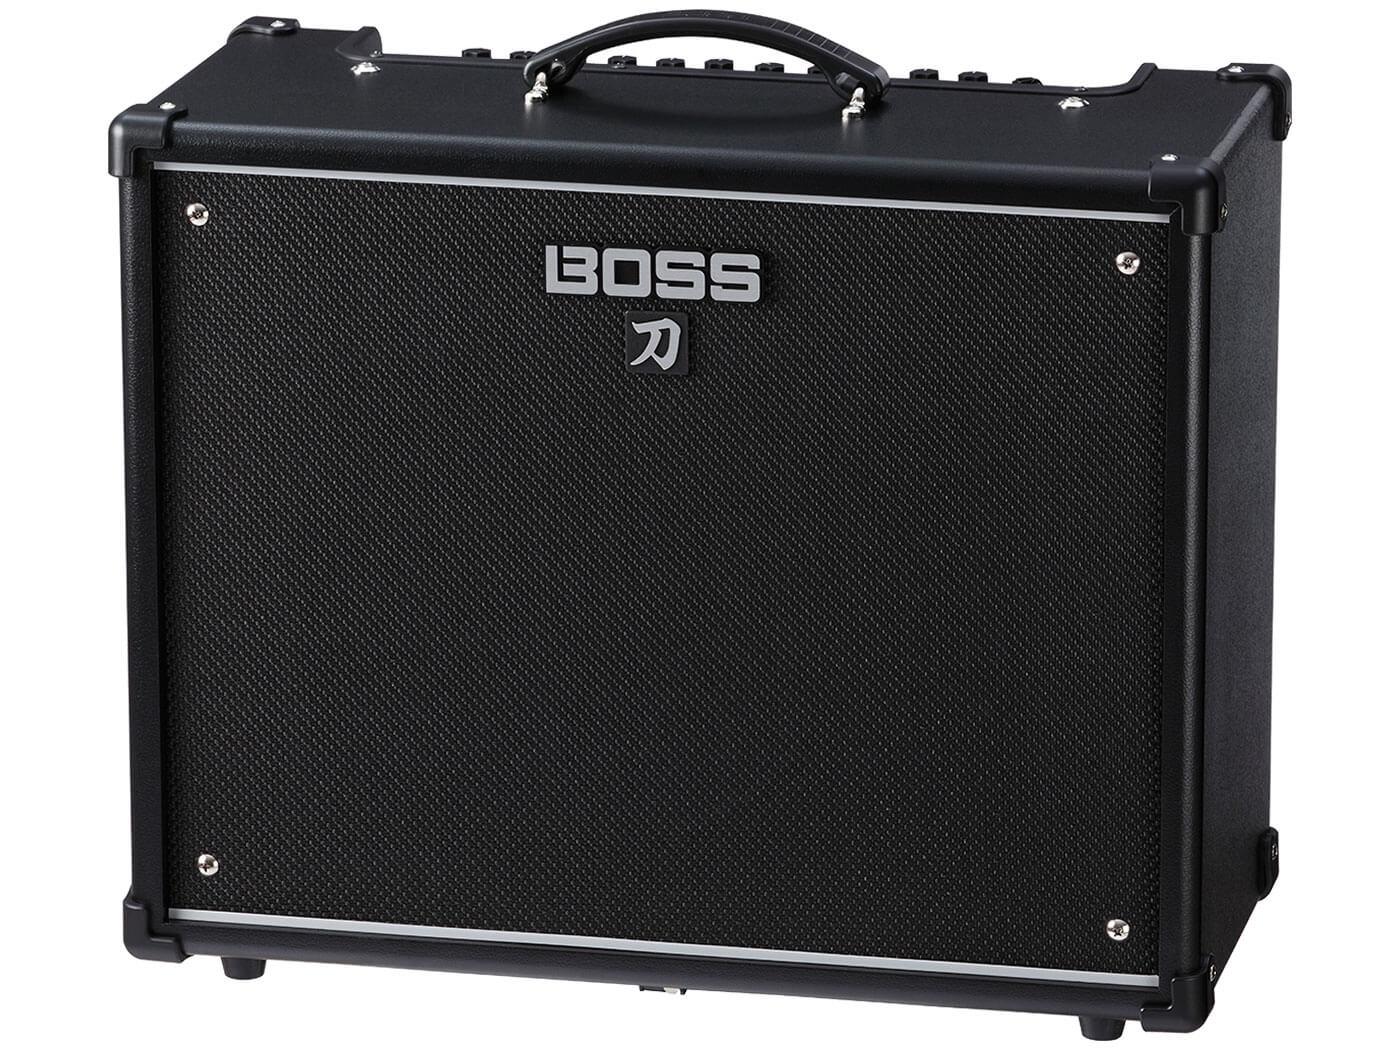 Boss Katana 100 electric guitar amplifier.